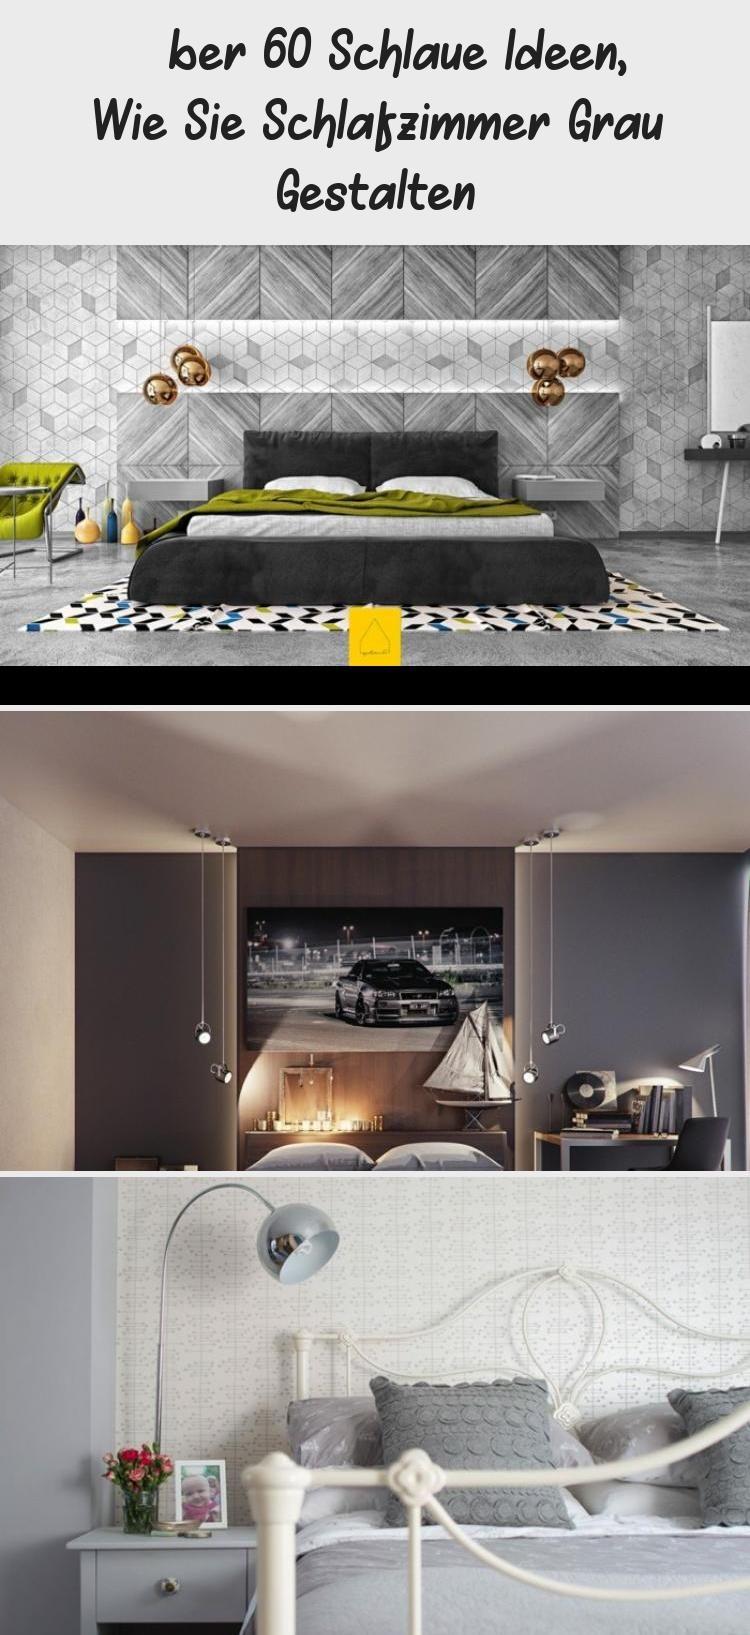 Uber 60 Schlaue Ideen Wie Sie Schlafzimmer Grau Gestalten Home